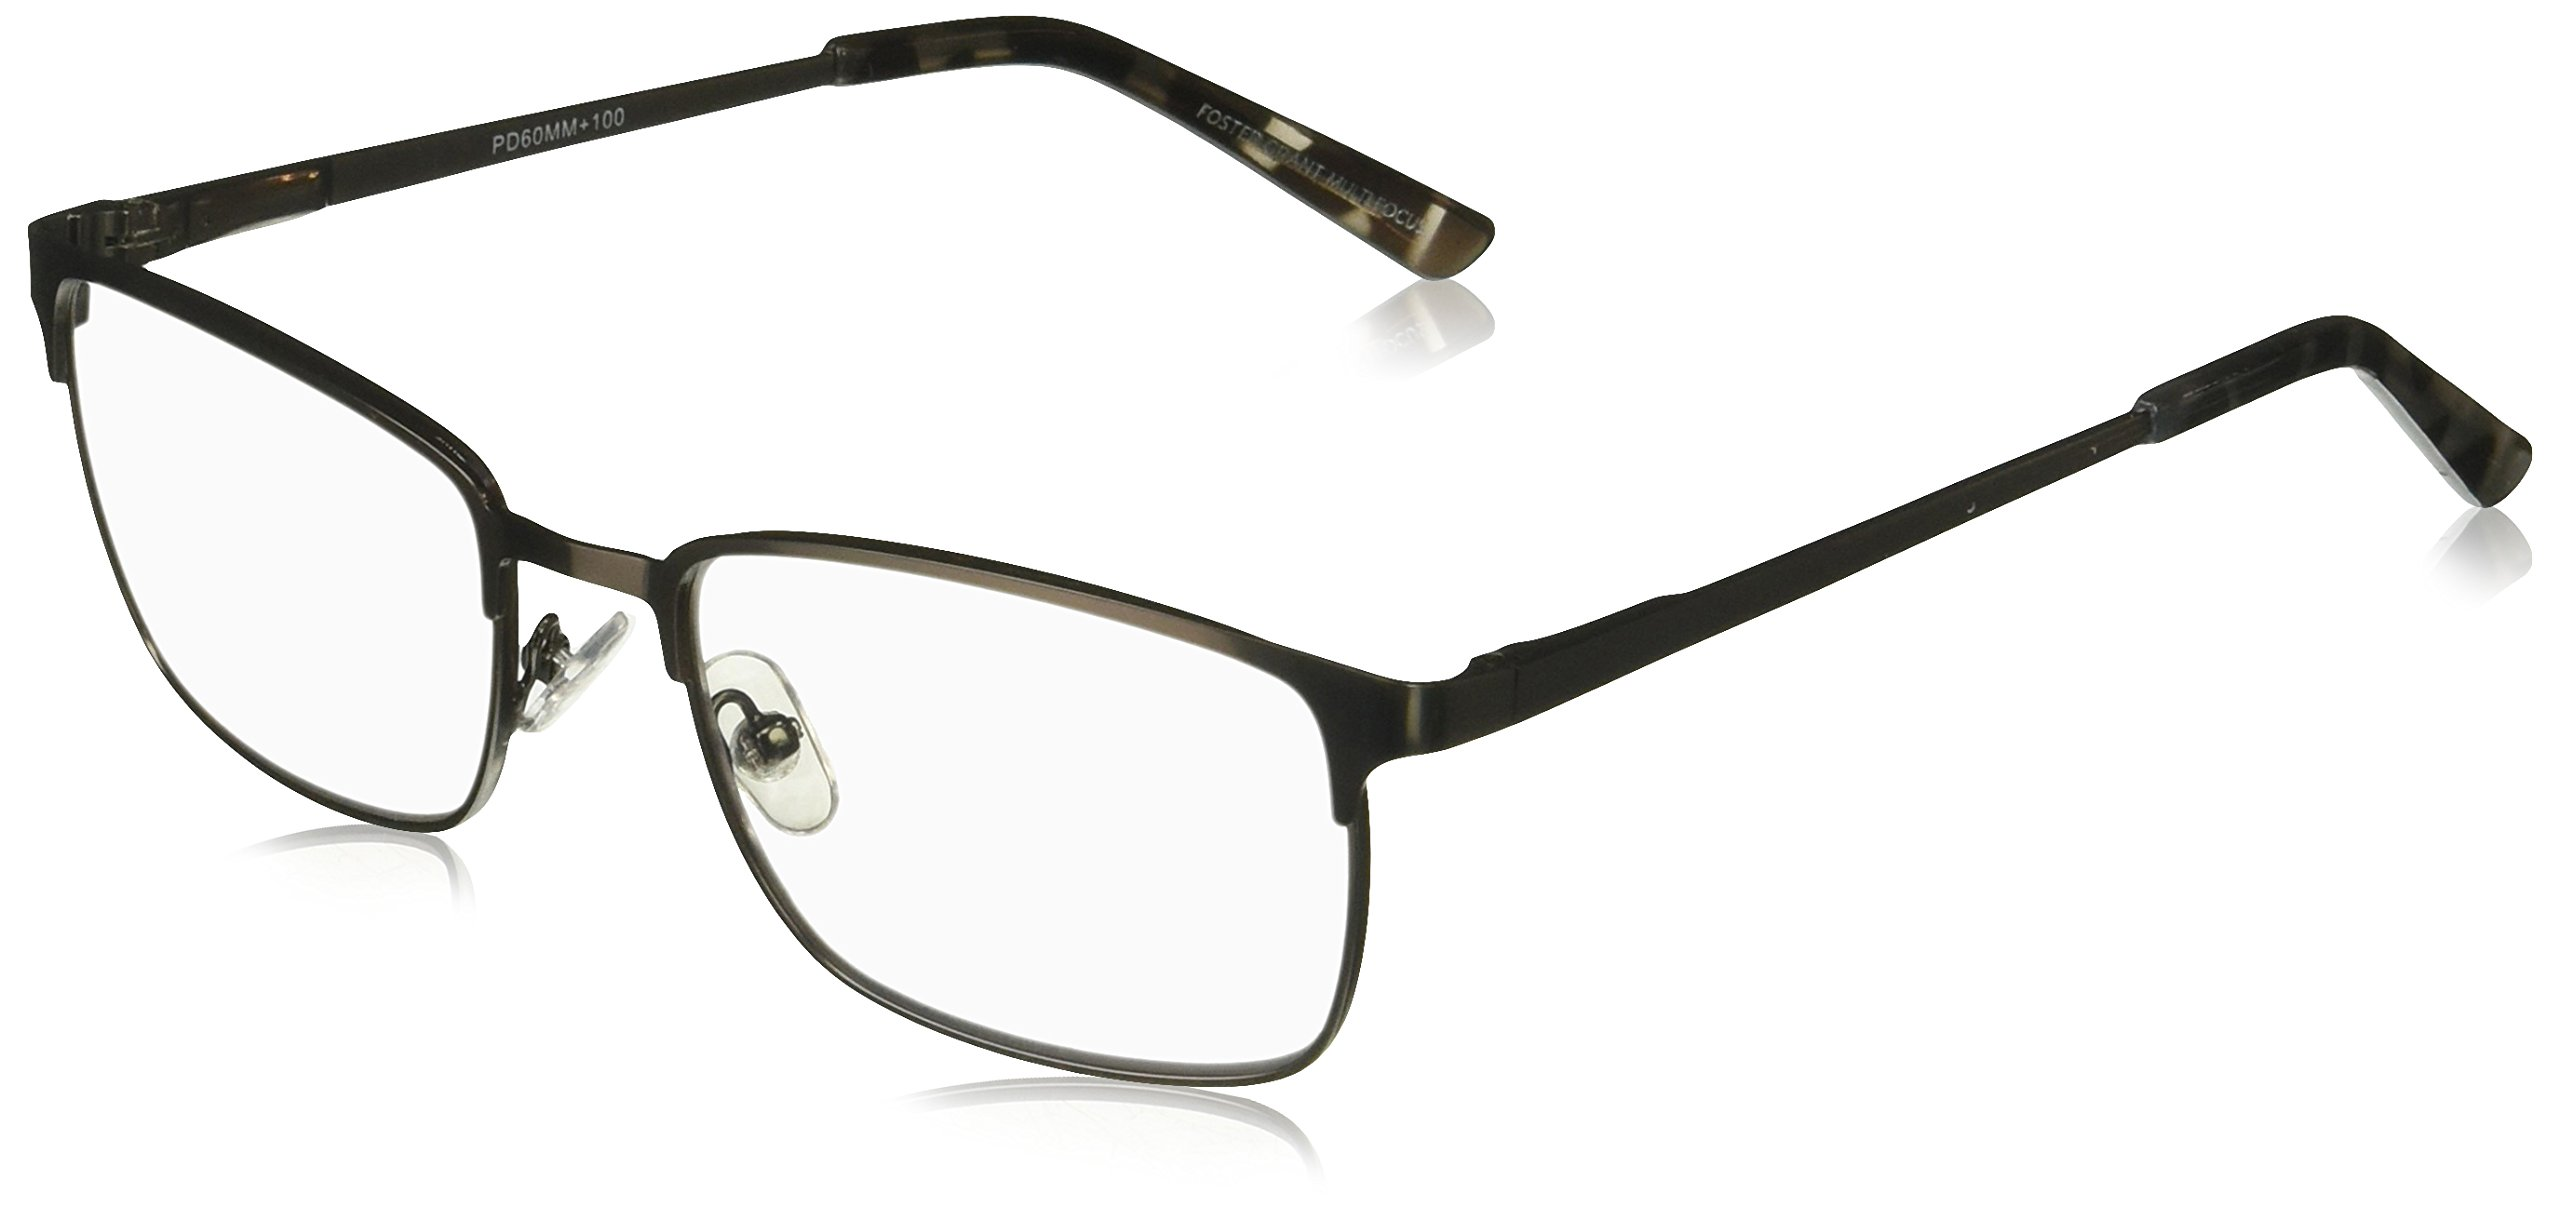 Foster Grant Men's Braydon Multifocus Glasses 1018252-150.COM Rectangular Reading Glasses, Gunmetal, 1.5